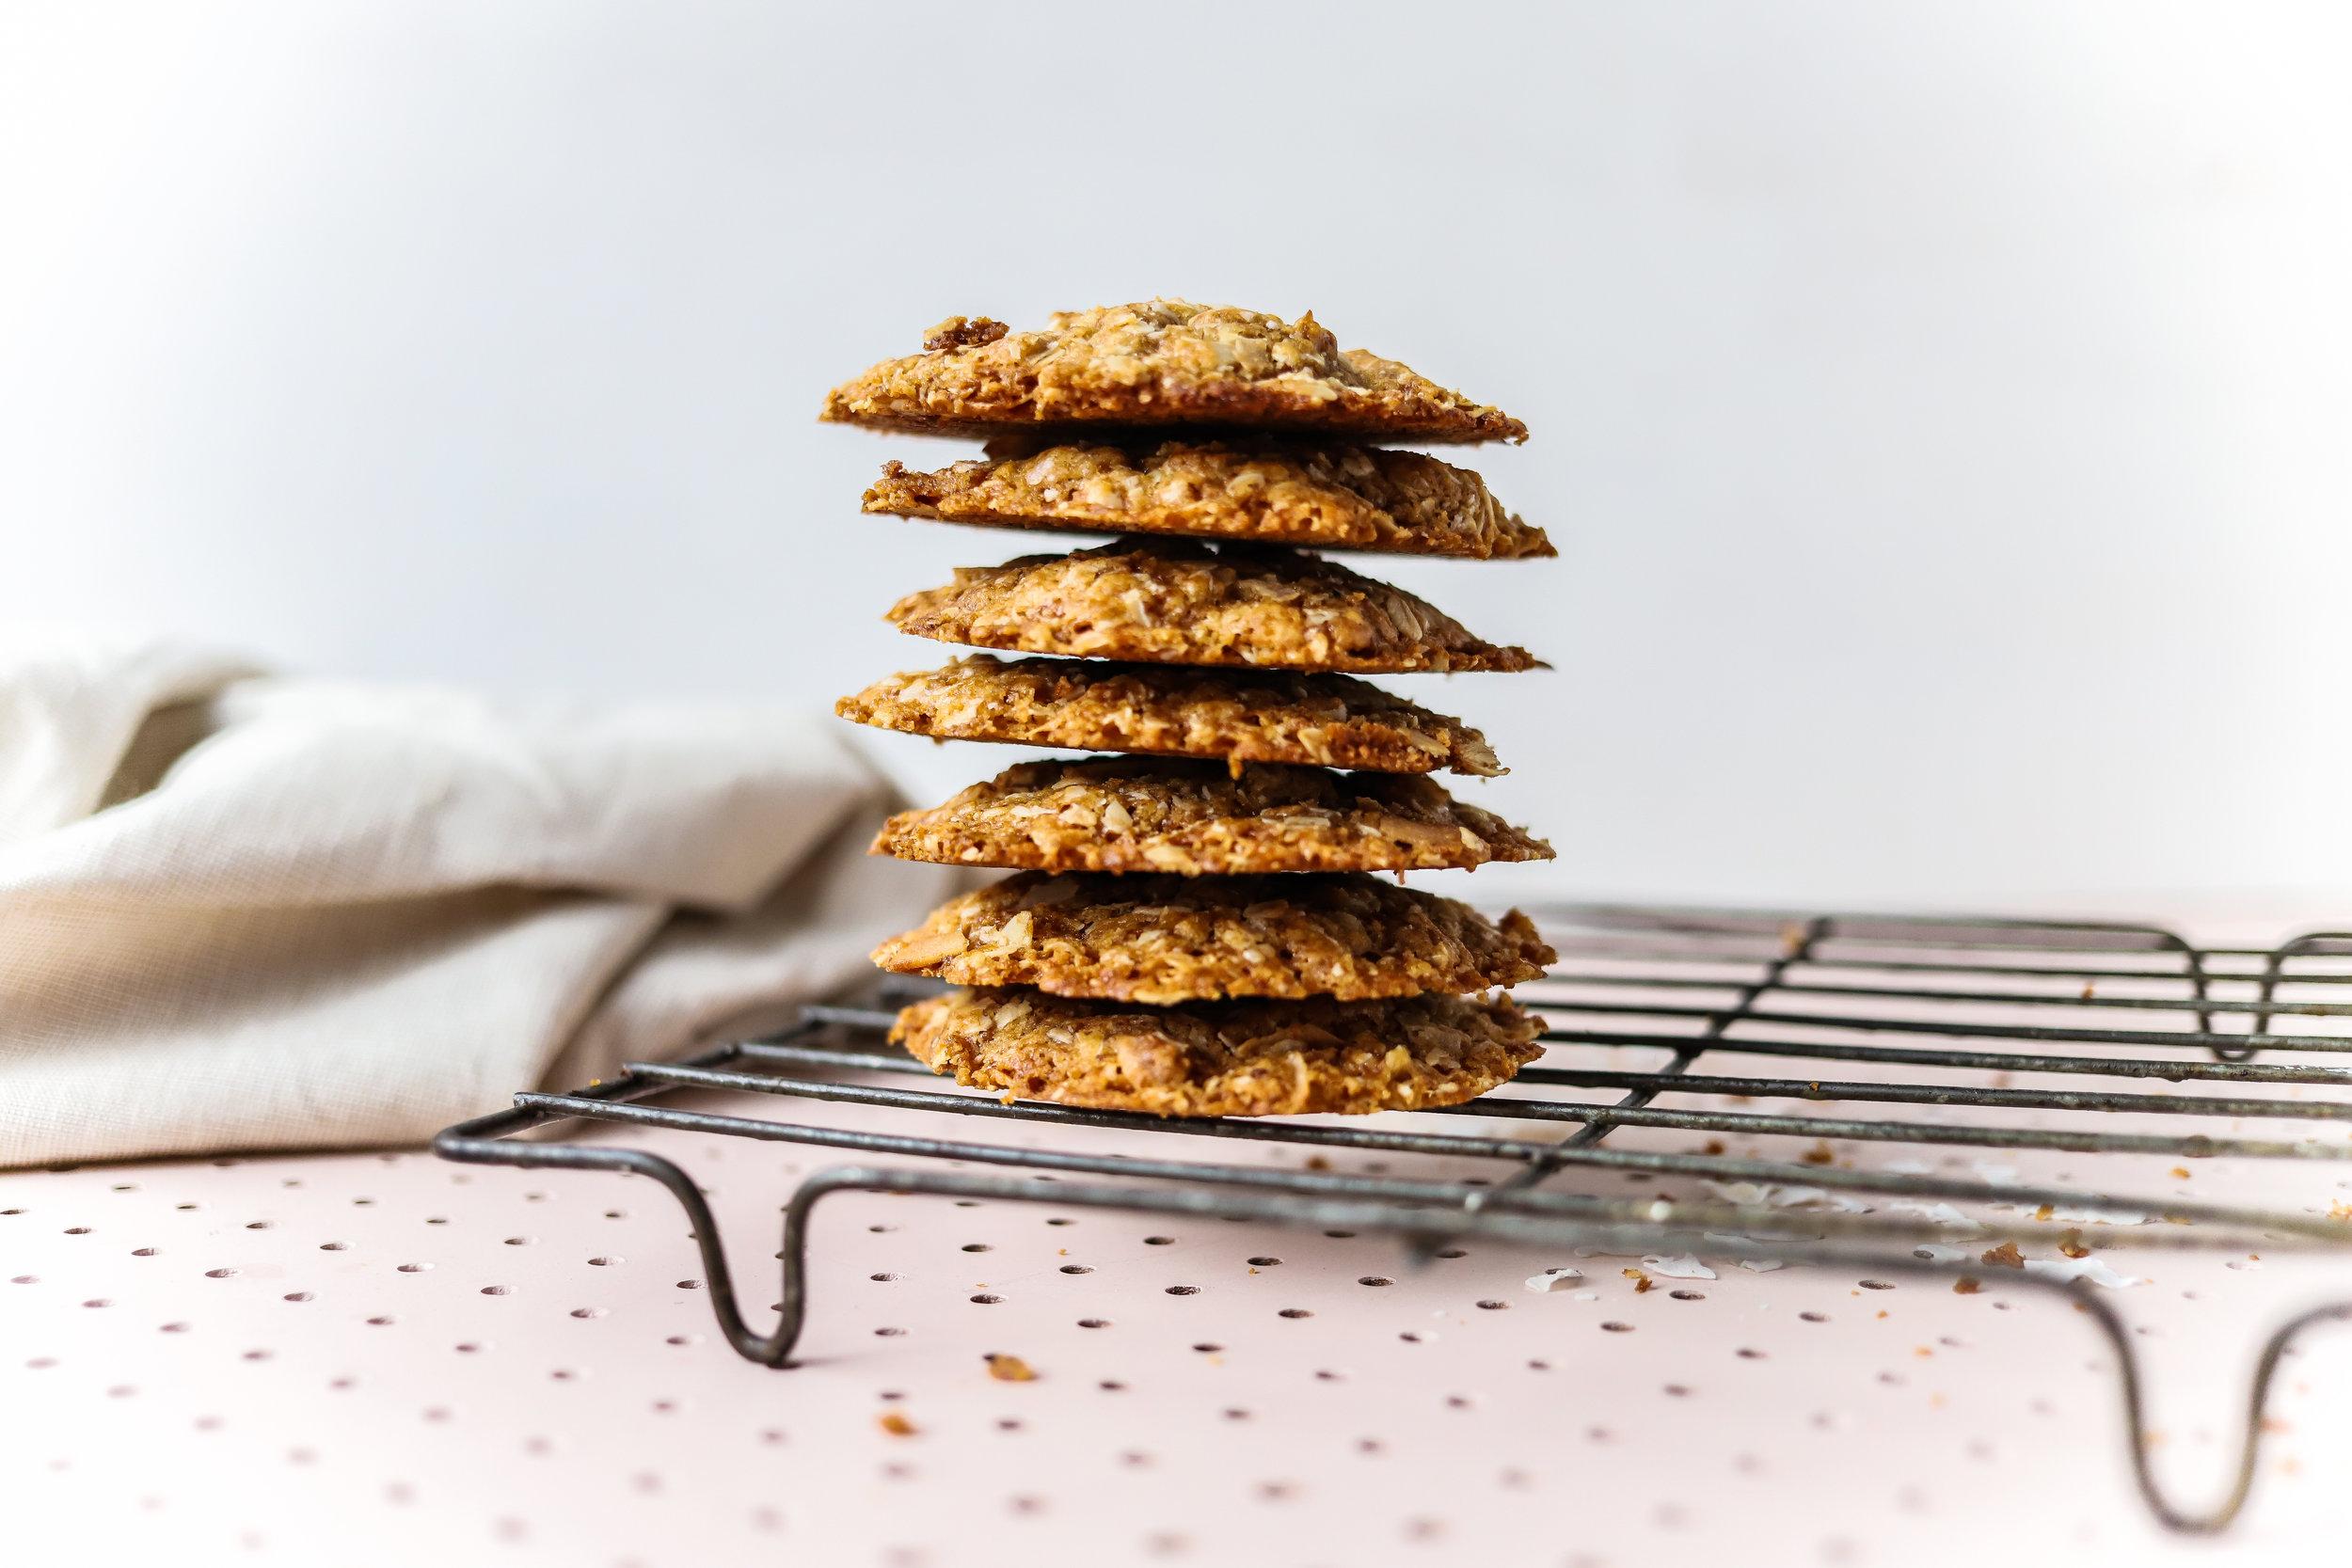 Vegan Anzac Cookies, Vegan Anzac Biscuits, Dairy Free Anzac Biscuits, Gluten Free Anzac Cookies